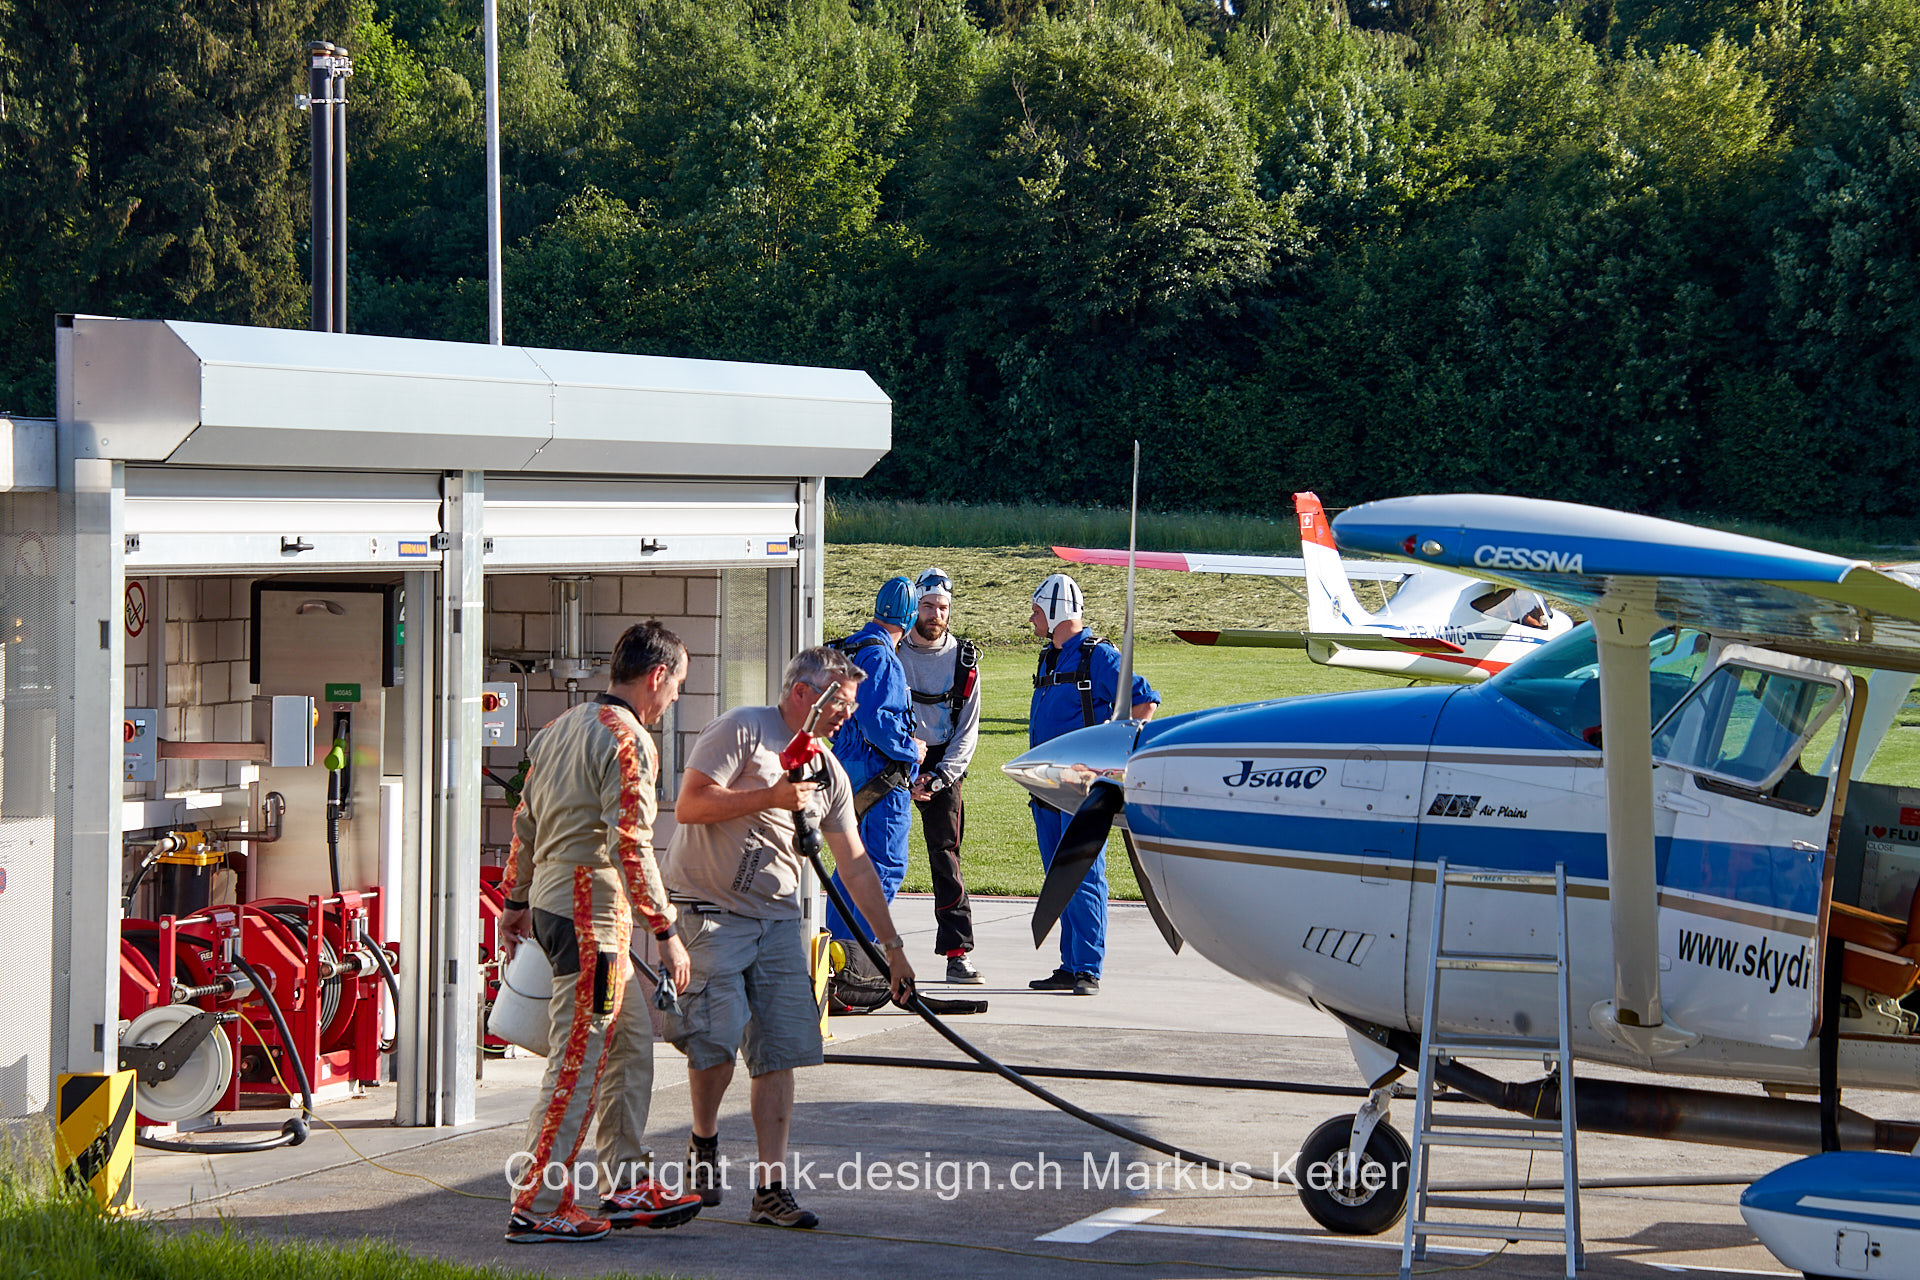 Flugzeug   Mensch   Gruppe   Cessna